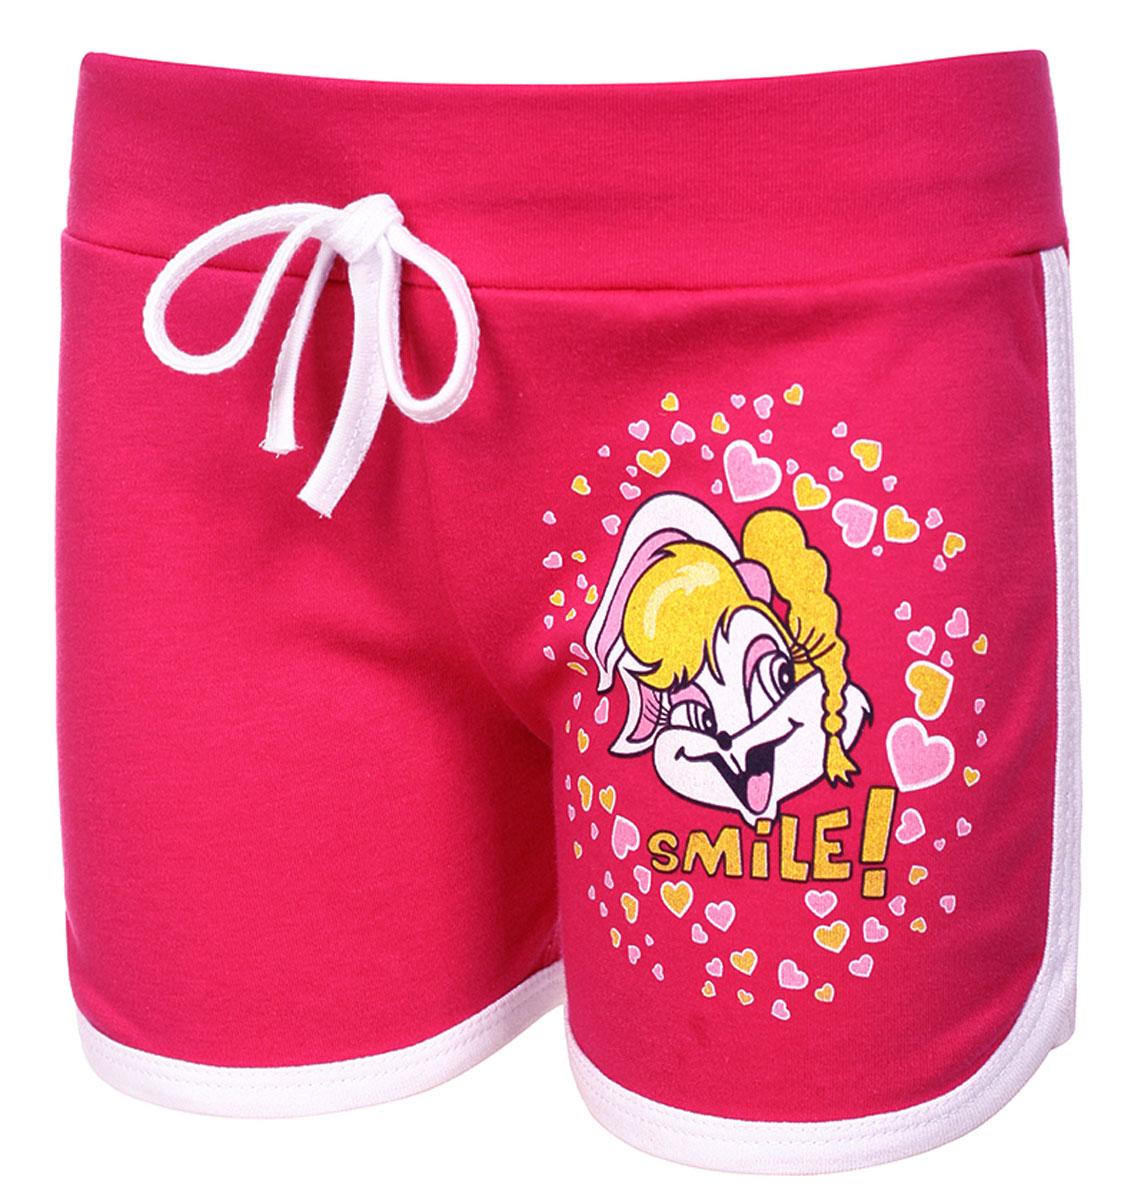 Шорты для девочки M&D, цвет: малиновый. М37006. Размер 128М37006Шорты для девочки от M&D выполнены из натурального хлопка. Эластичные пояс на талии дополнен затягивающимся шнурком.